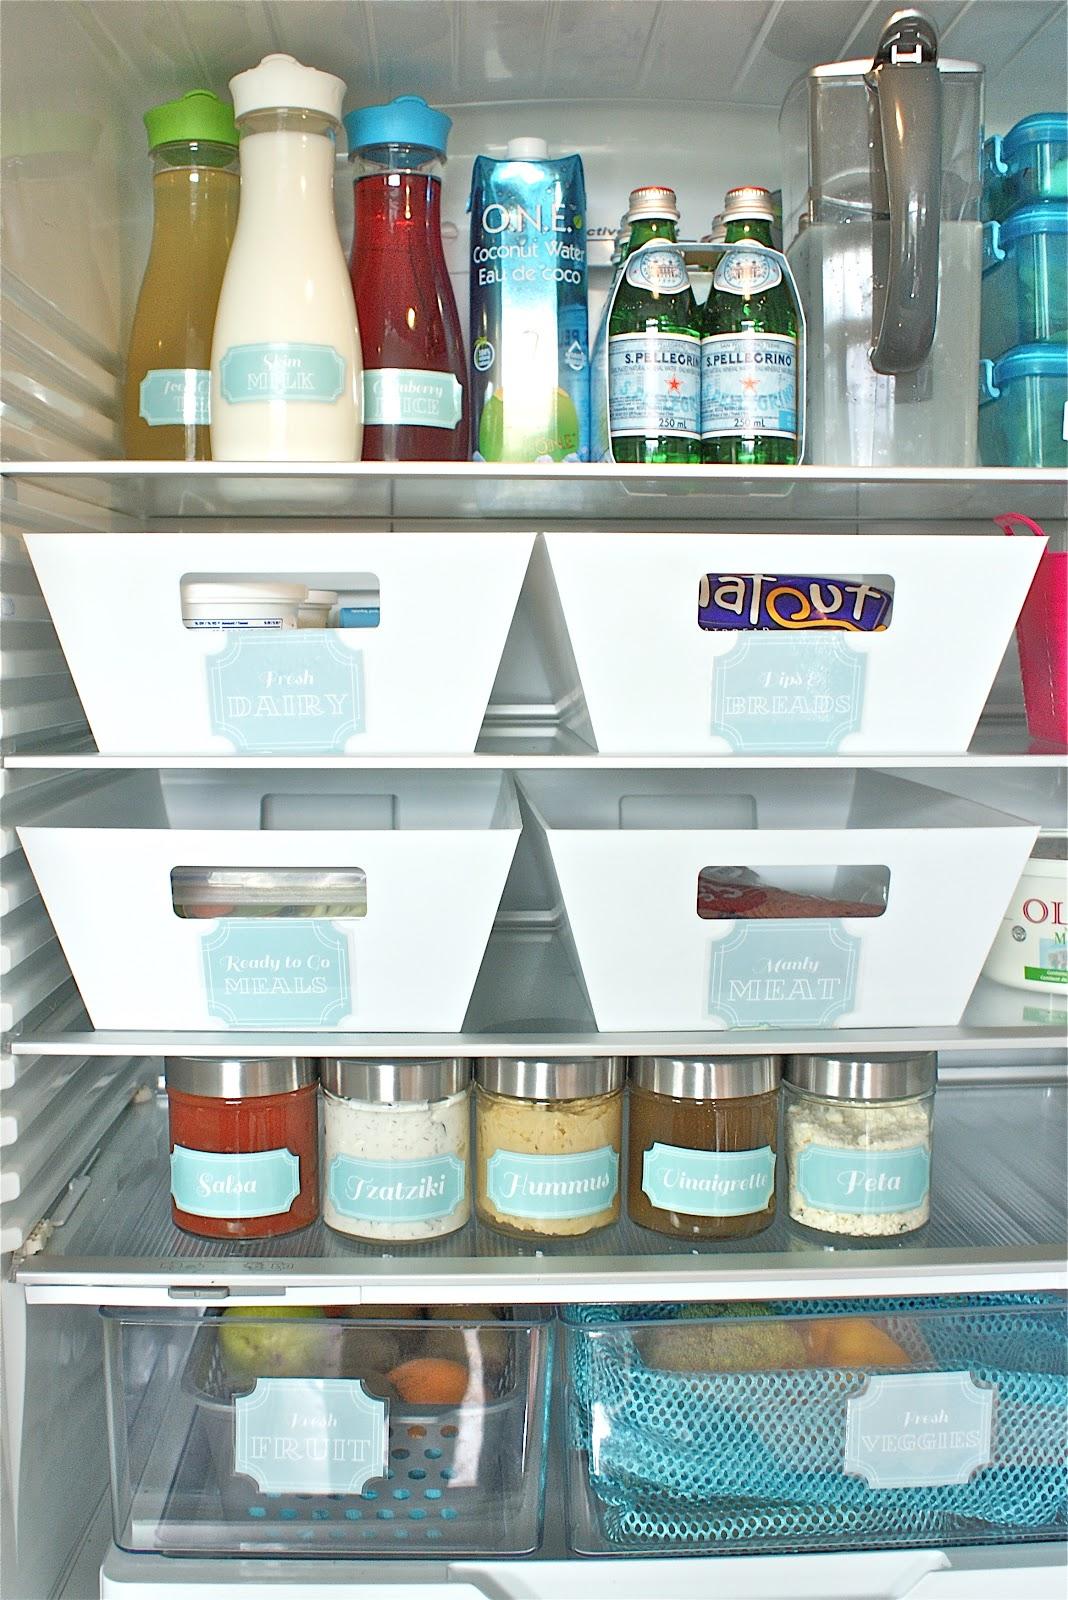 Аккуратно сложенные продукты на полках холодильника